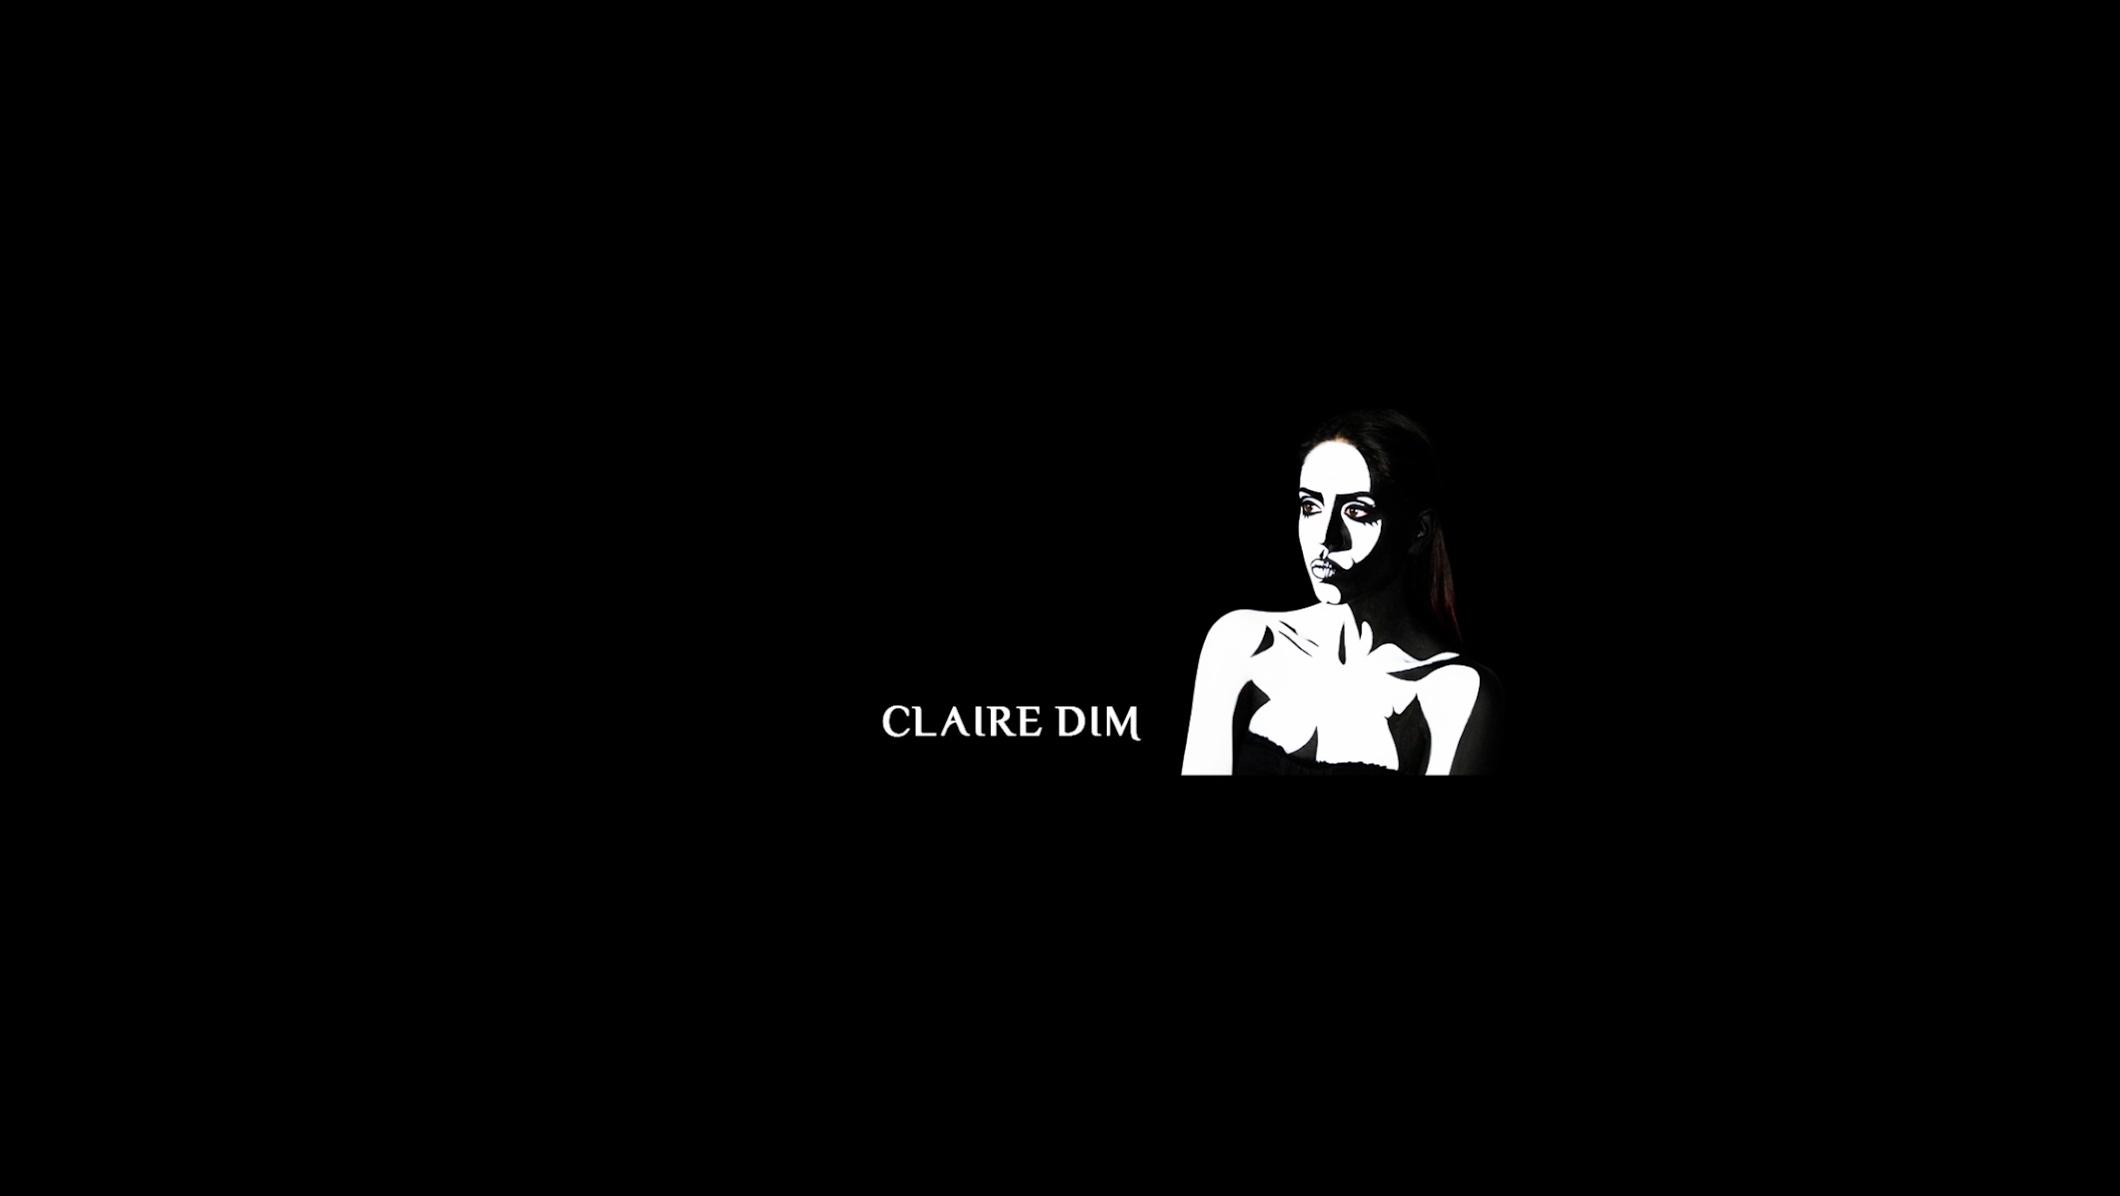 Claire Dim